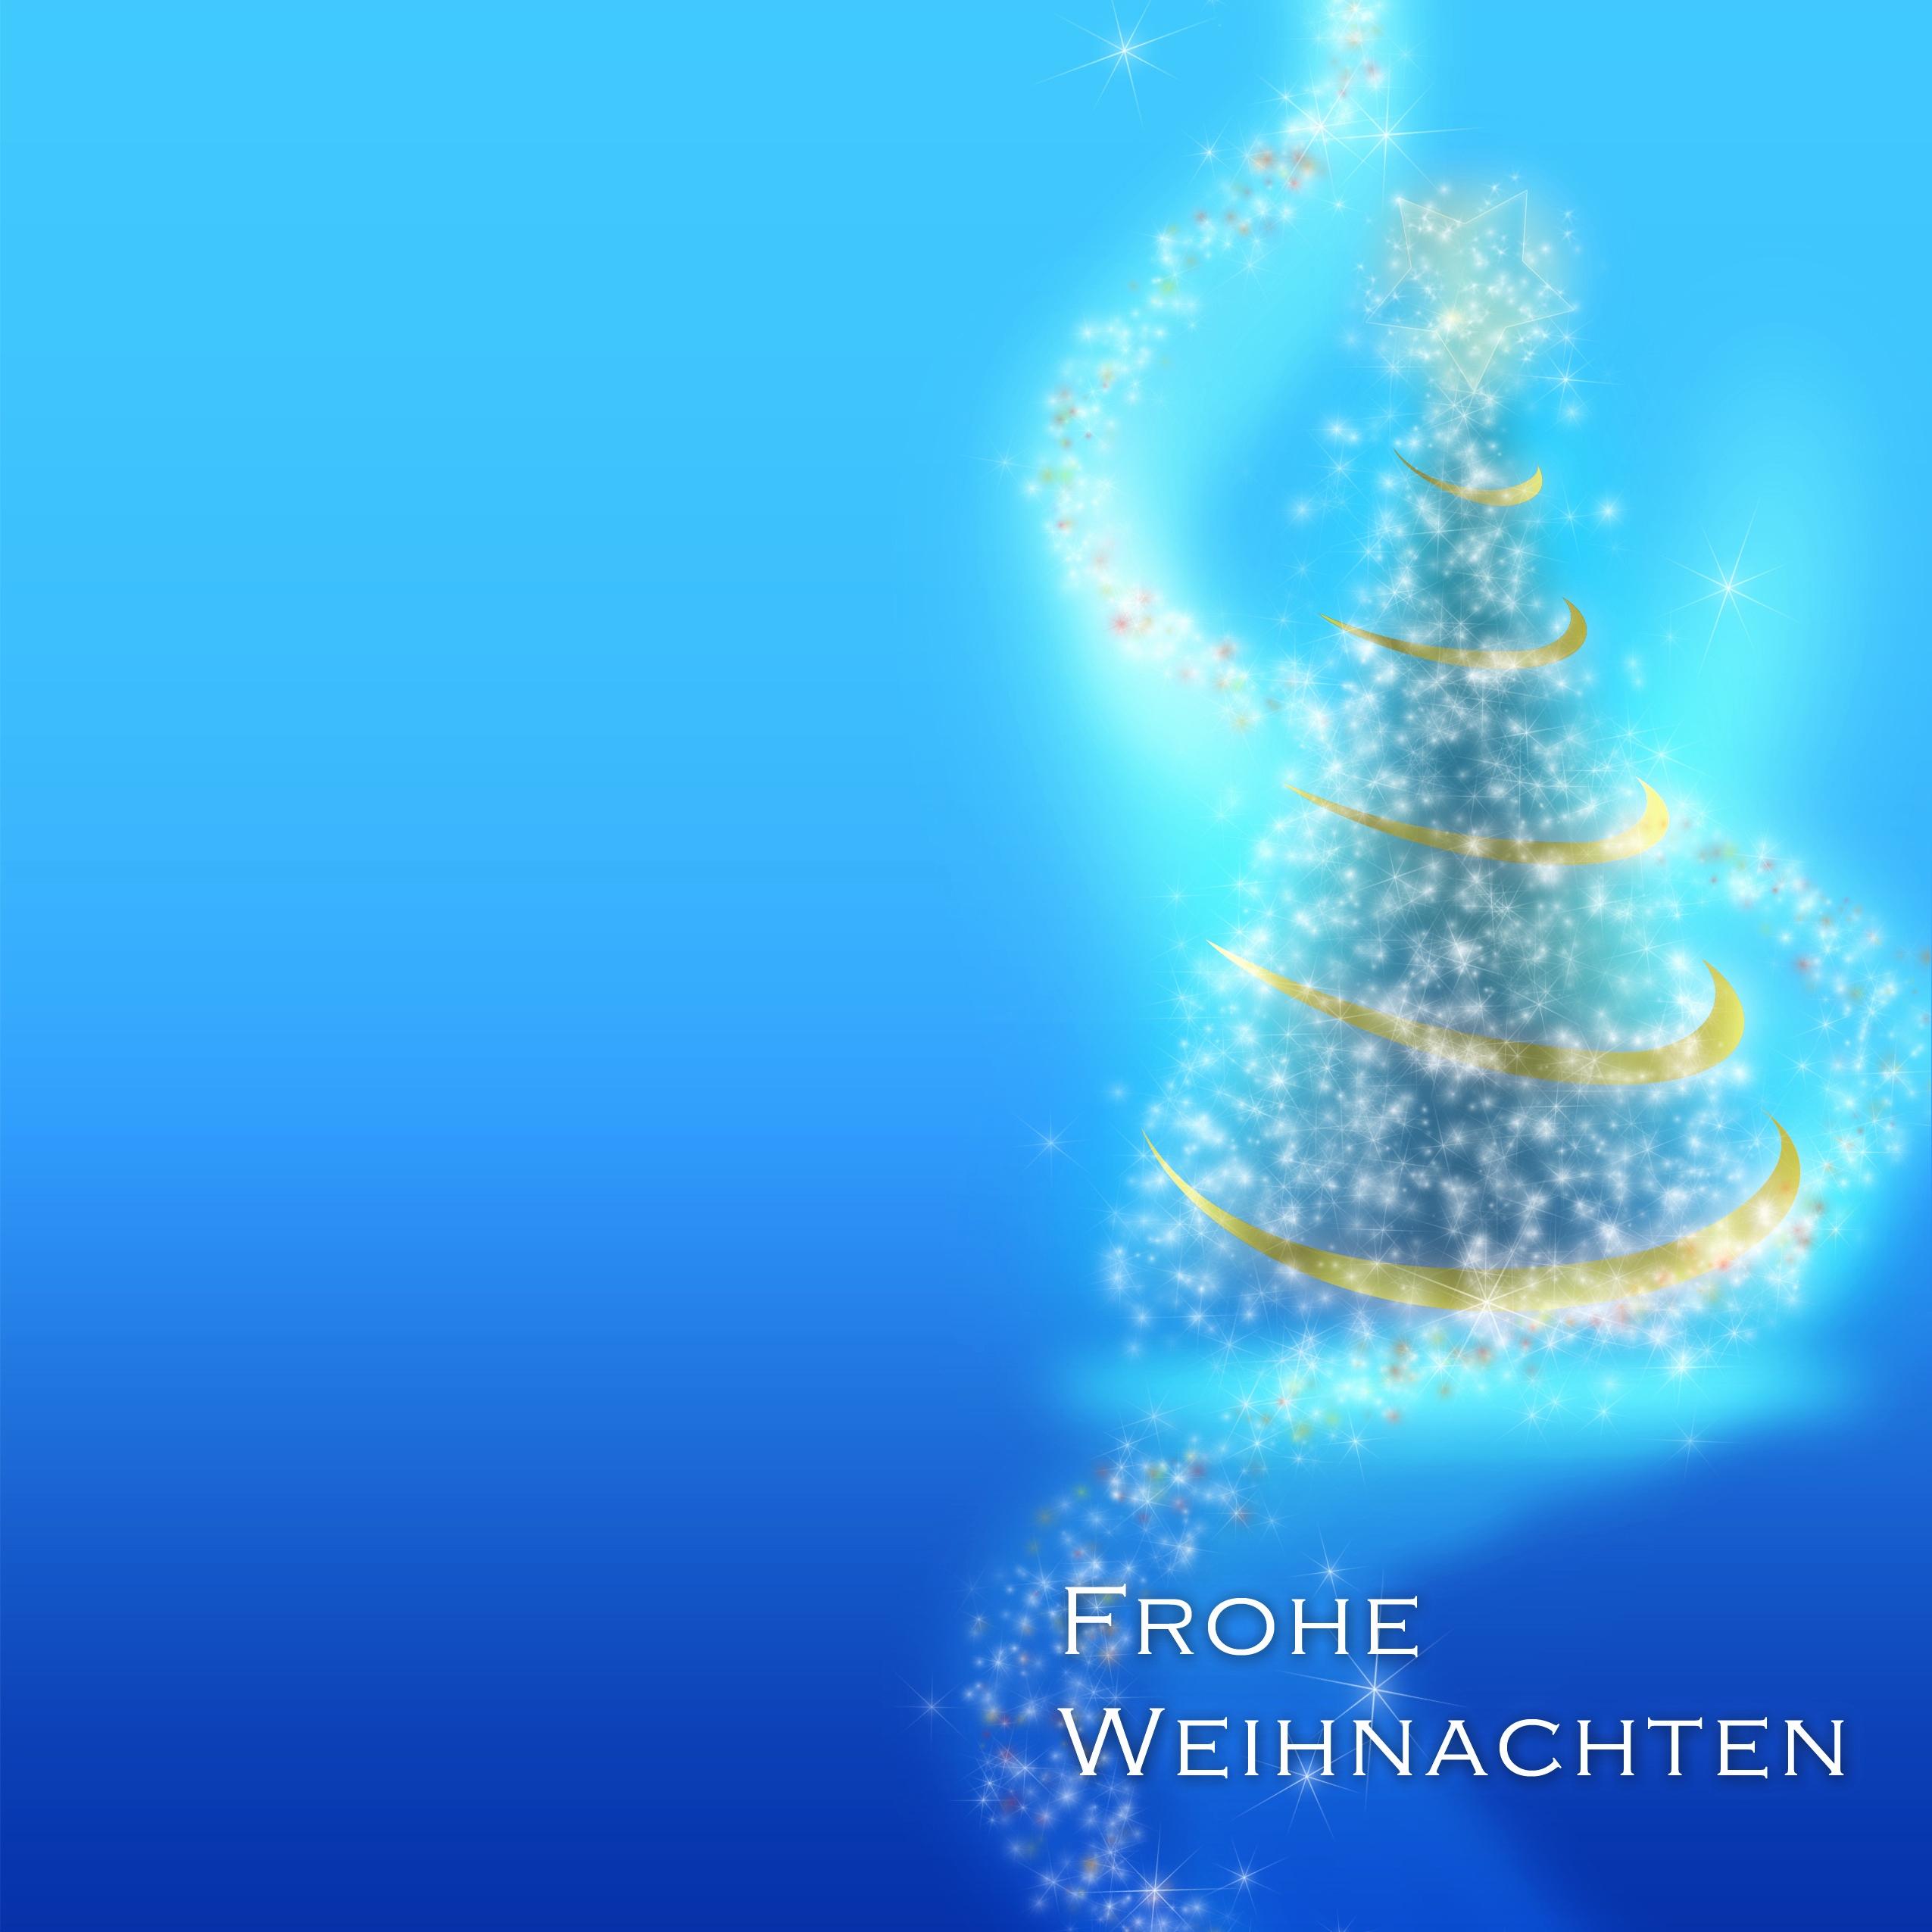 Briefpapier Weihnachten Kostenlos Ausdrucken Frisch Vorlagen in Weihnachtskarte Vorlage